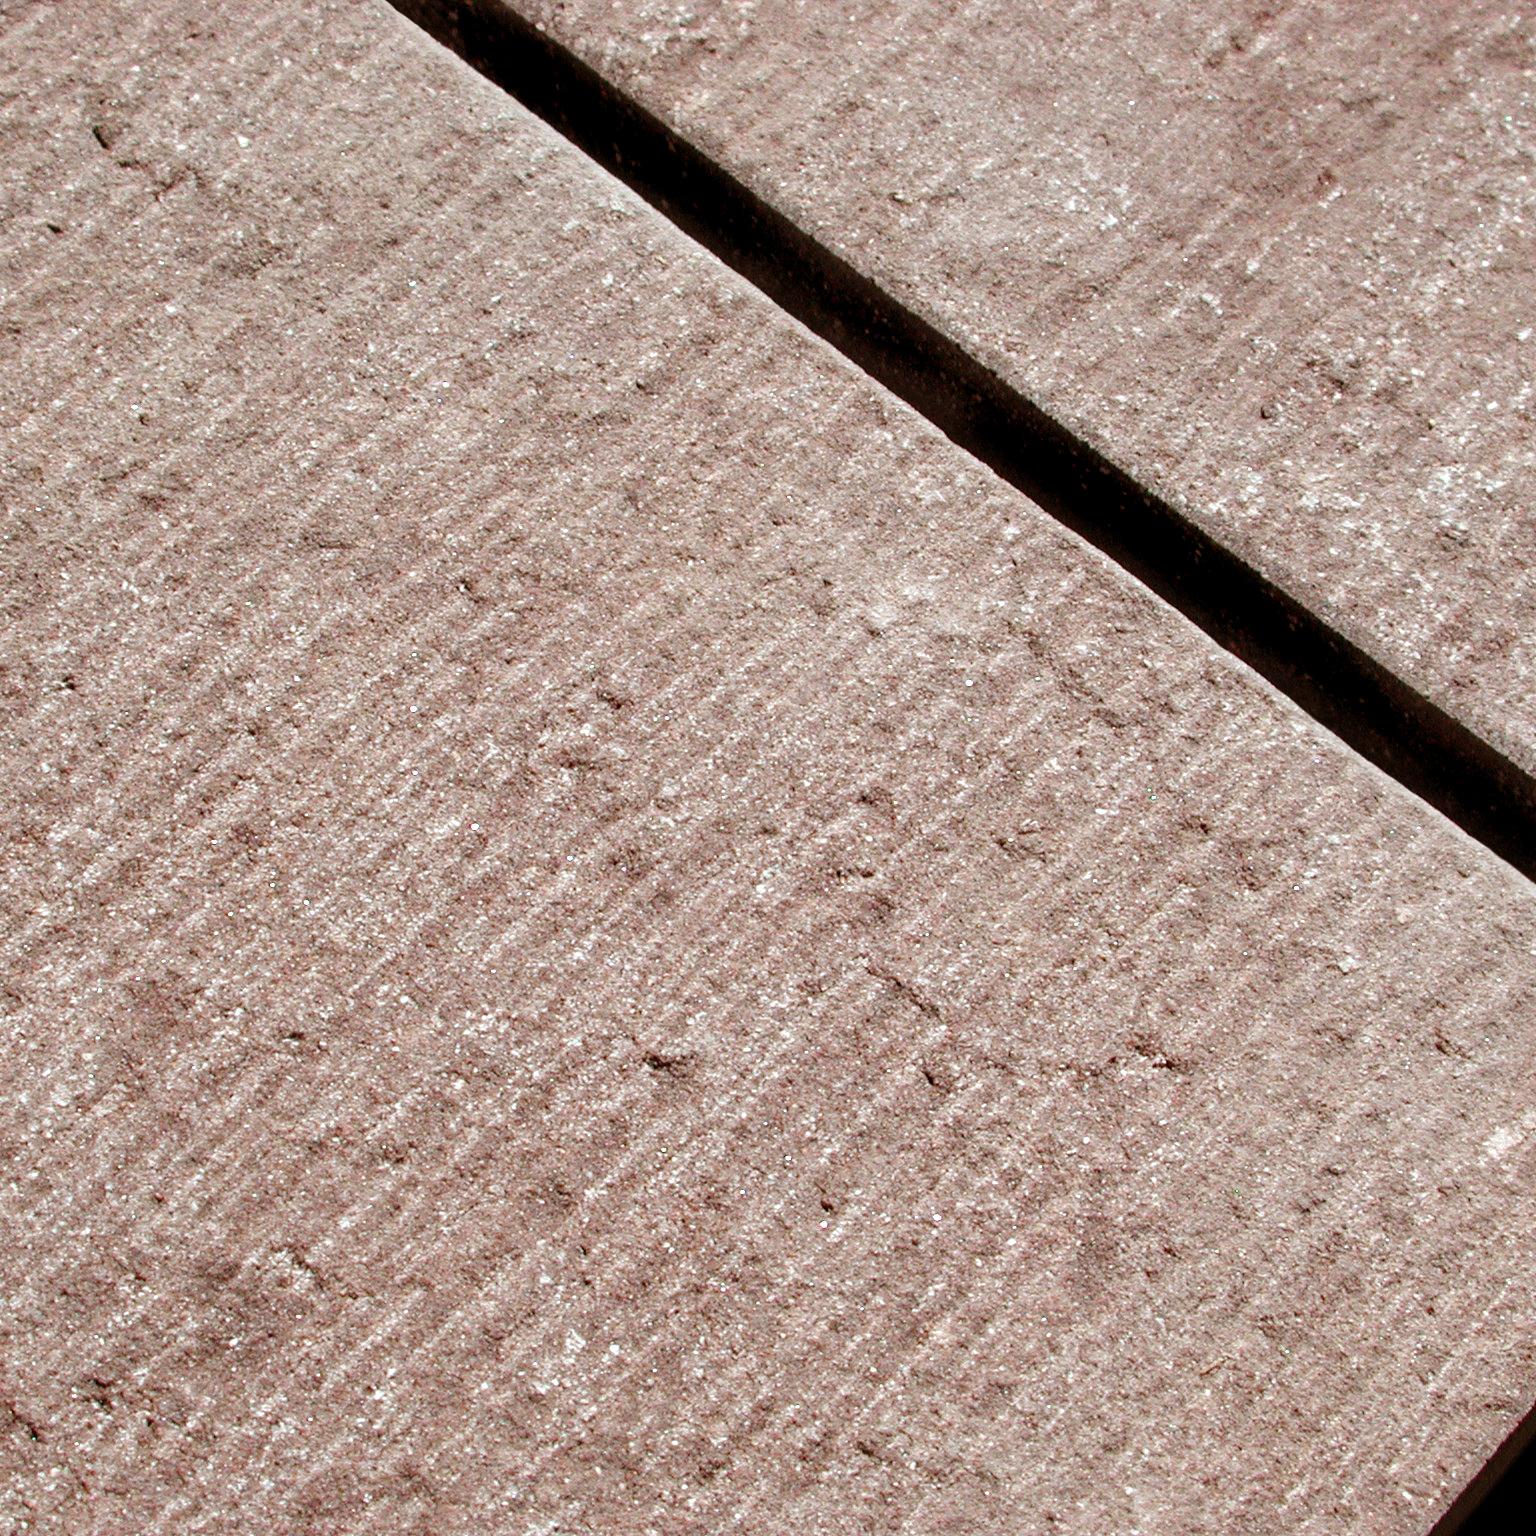 claret-sandstone-adze